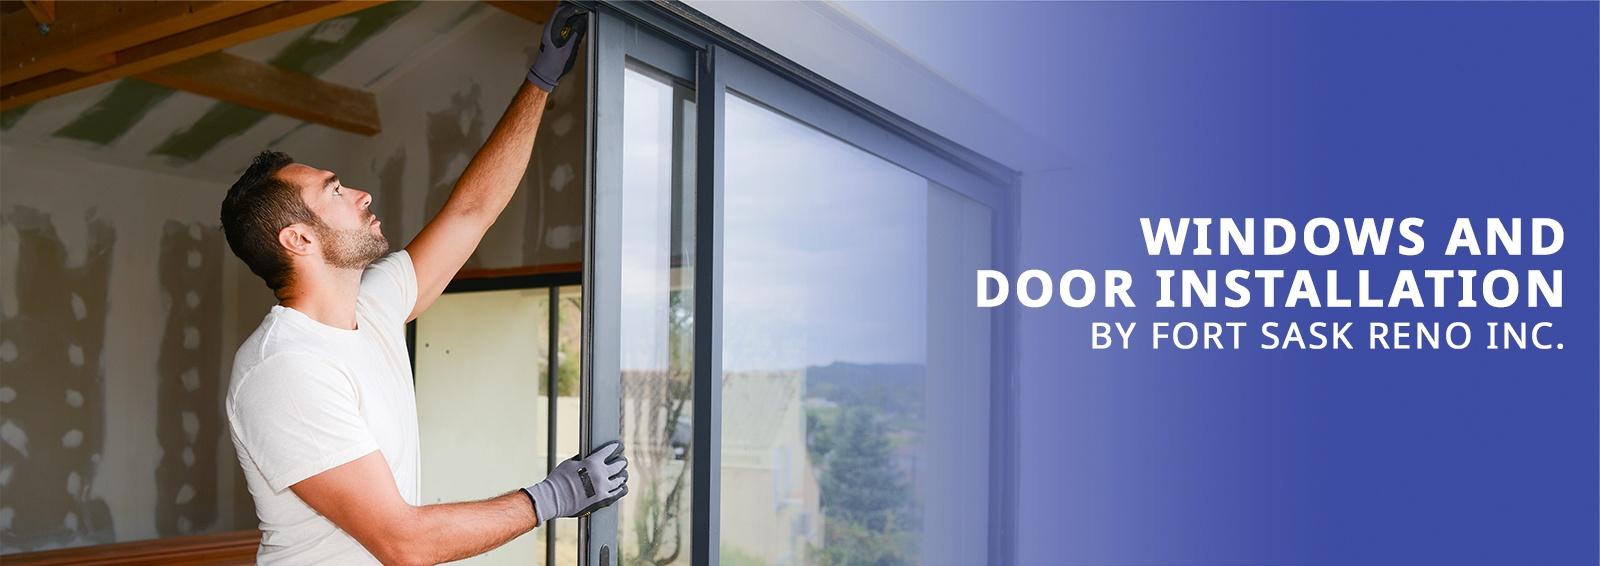 Fort Sask Reno - Windows and Door Installation